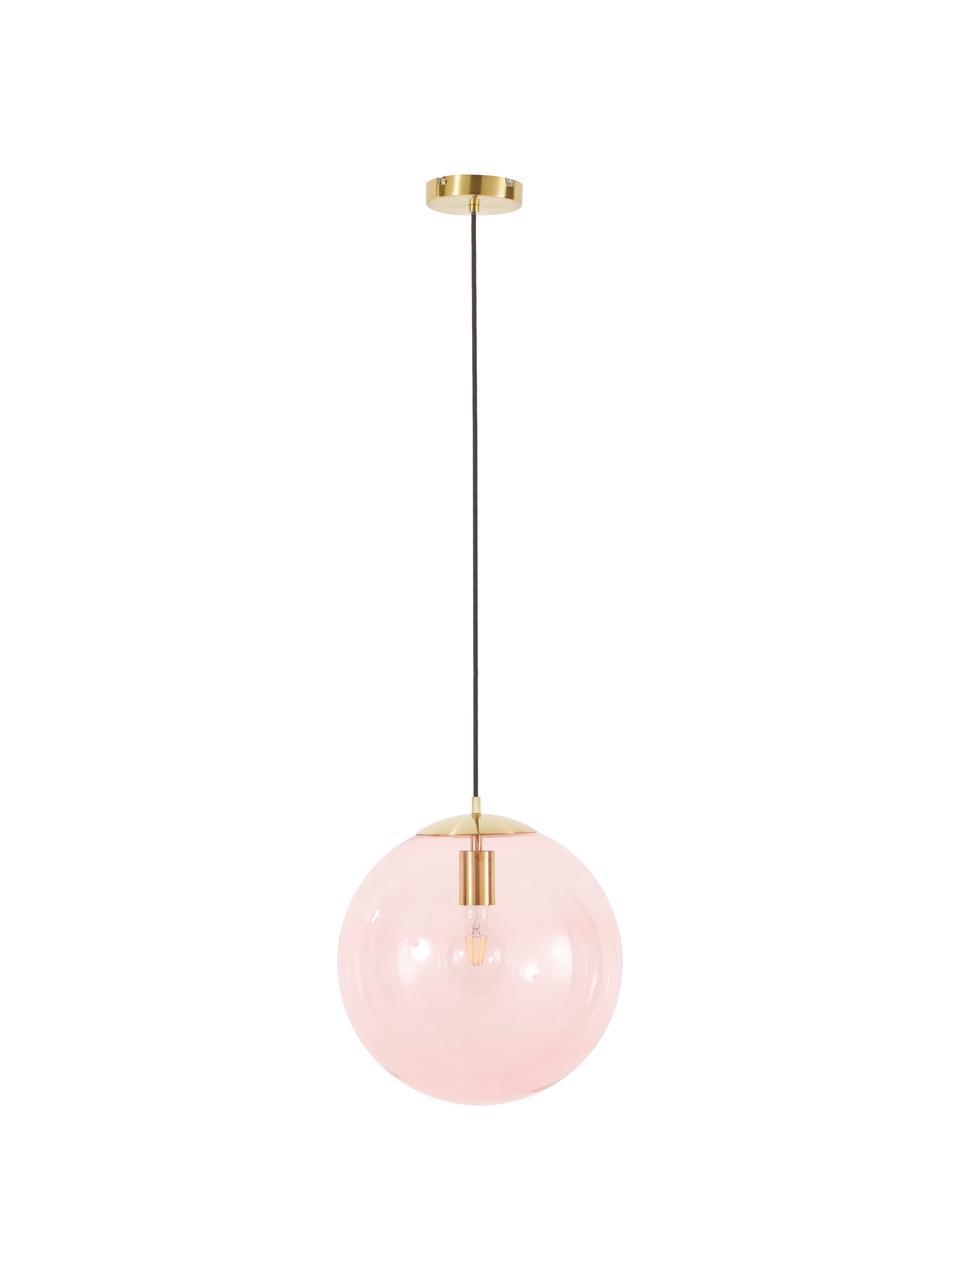 Lampa wisząca ze szkła Bao, Różowy, Ø 35 cm